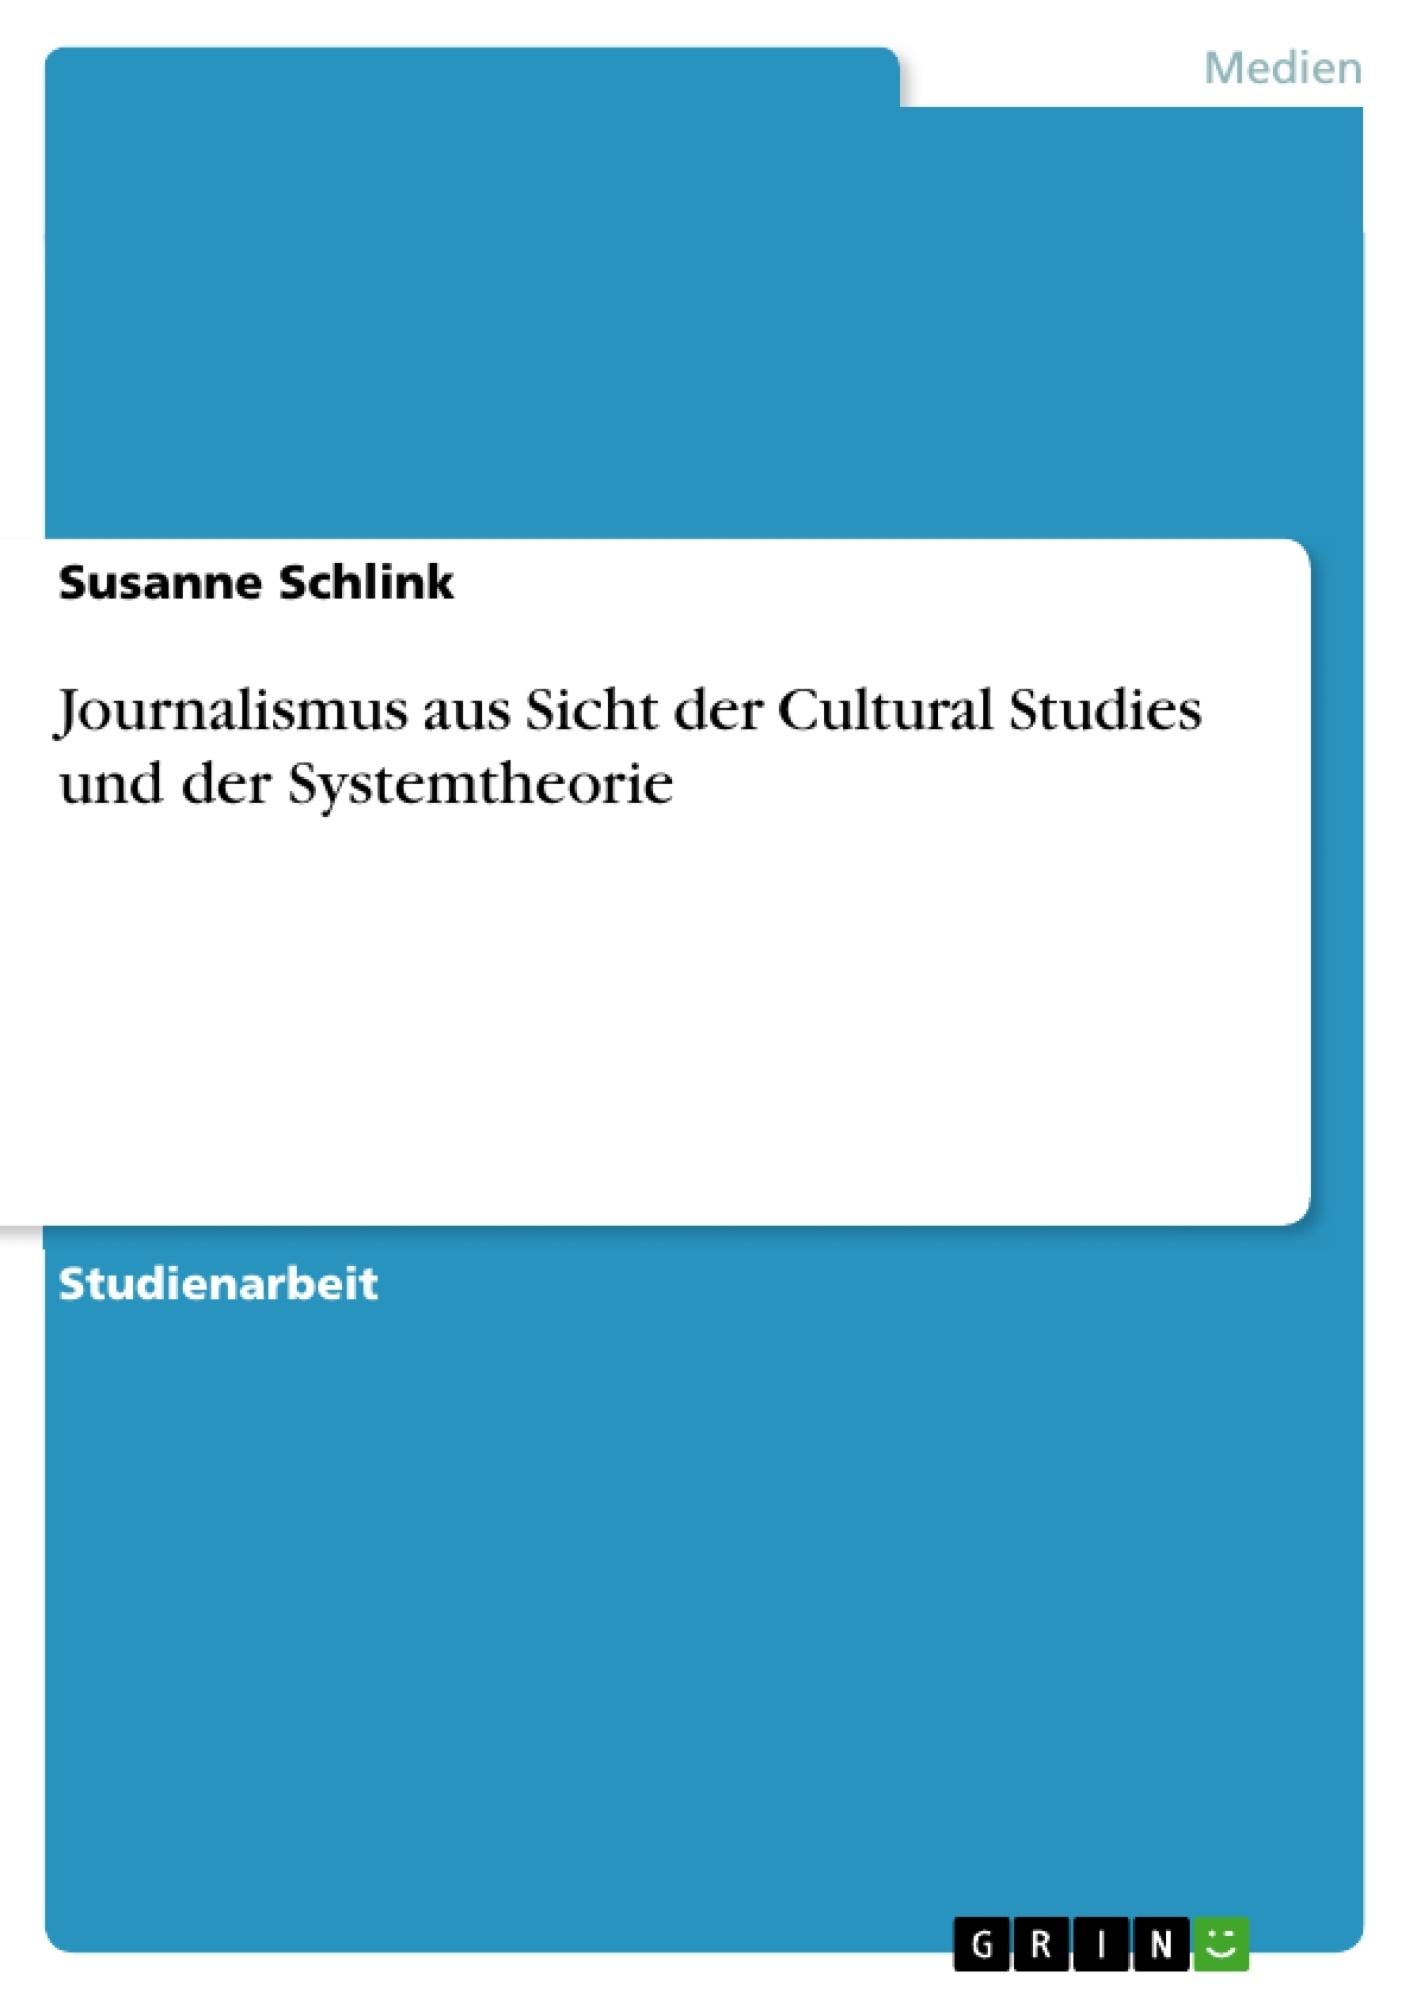 Titel: Journalismus aus Sicht der Cultural Studies und der Systemtheorie